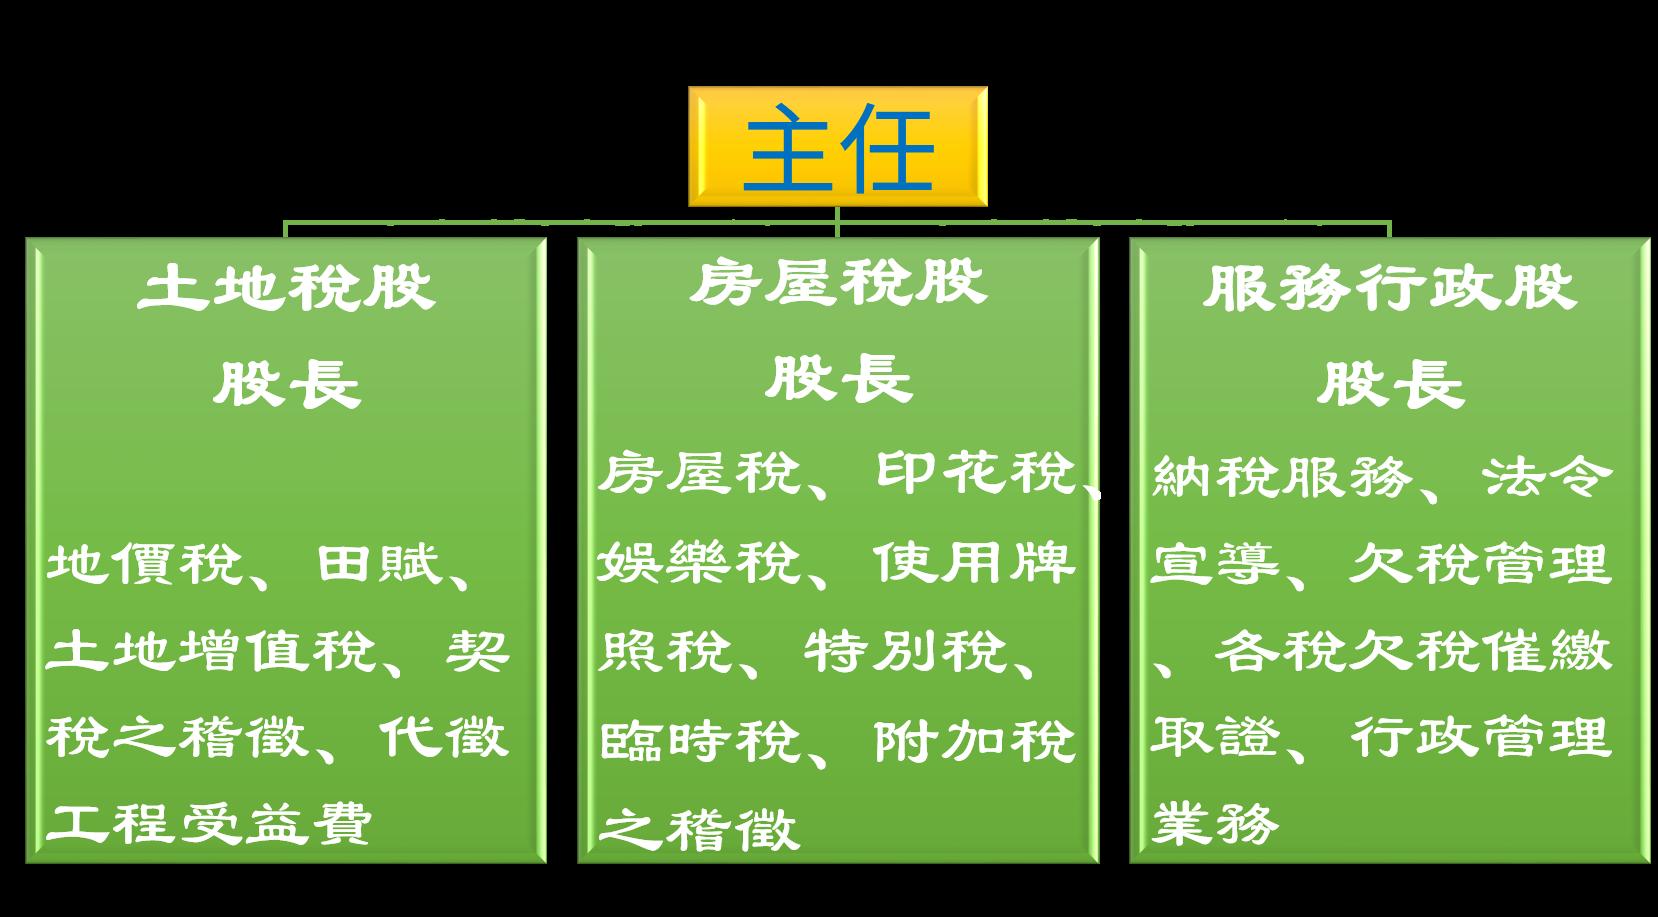 蘆竹分局業務組織圖